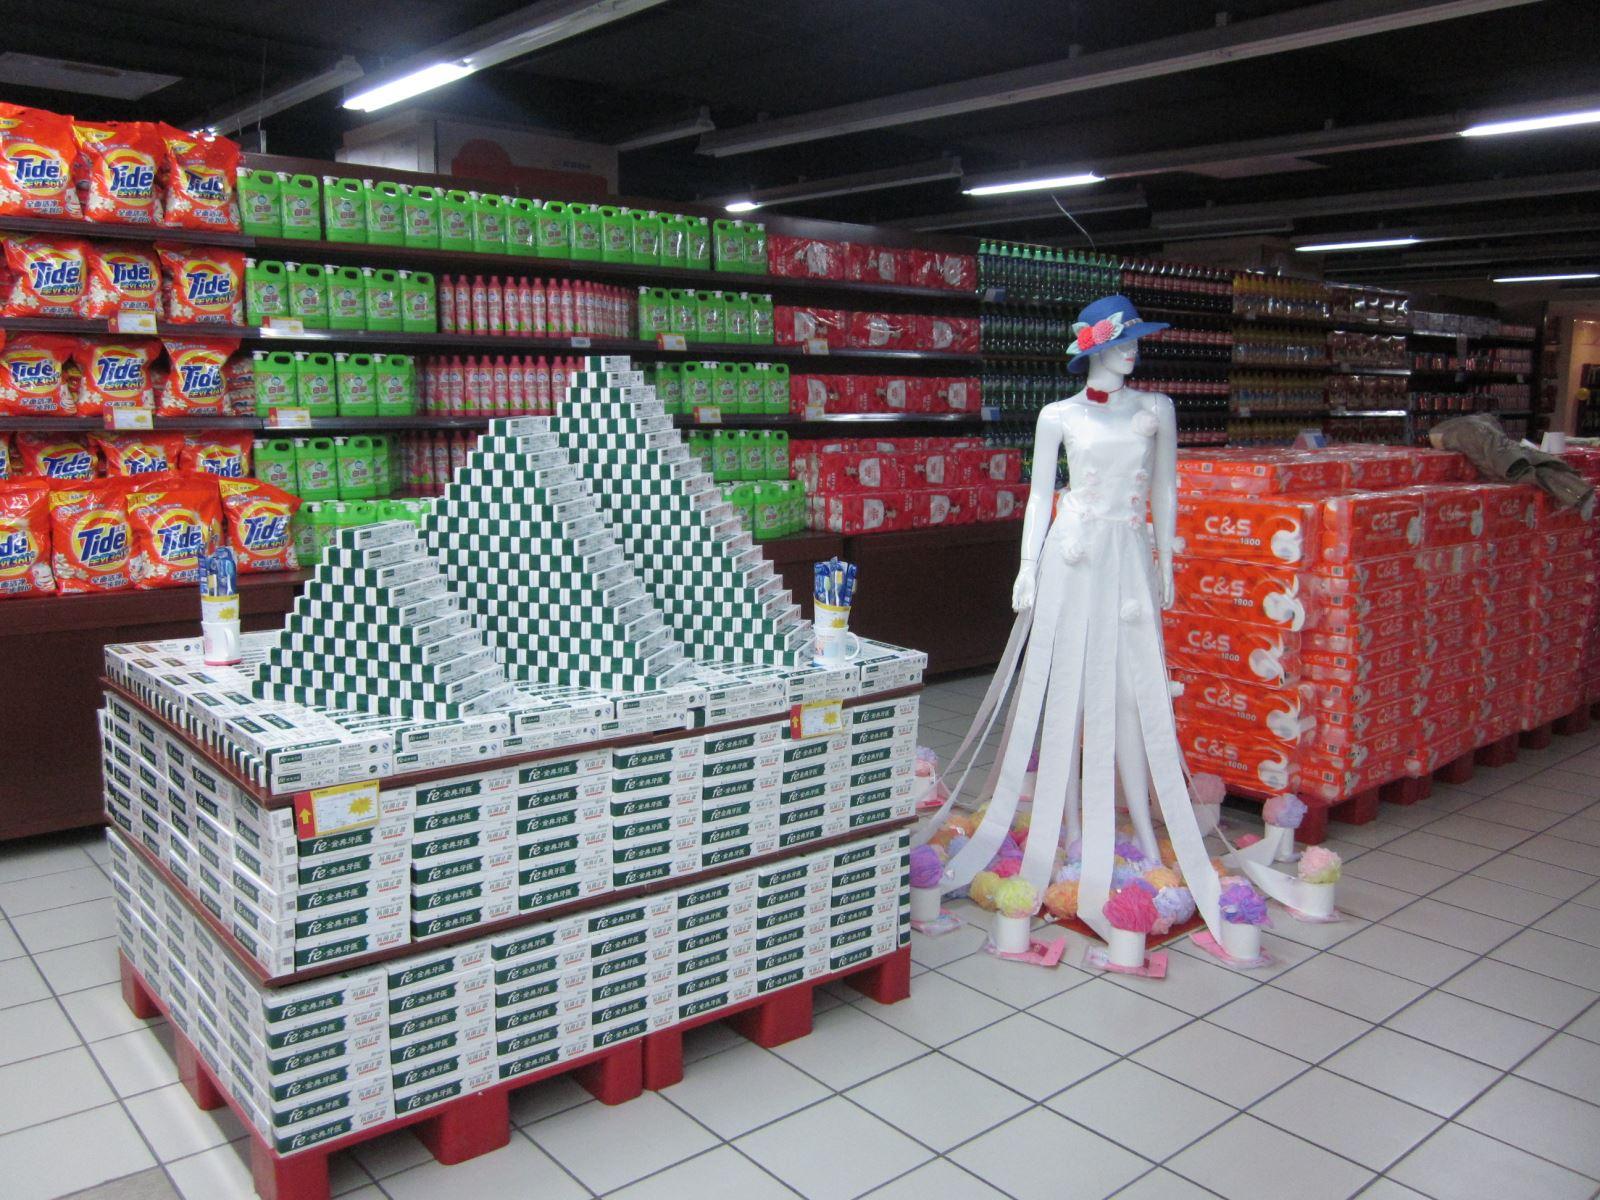 大型超市商品陈列 超市商品陈列图片大全 超市陈列 ...